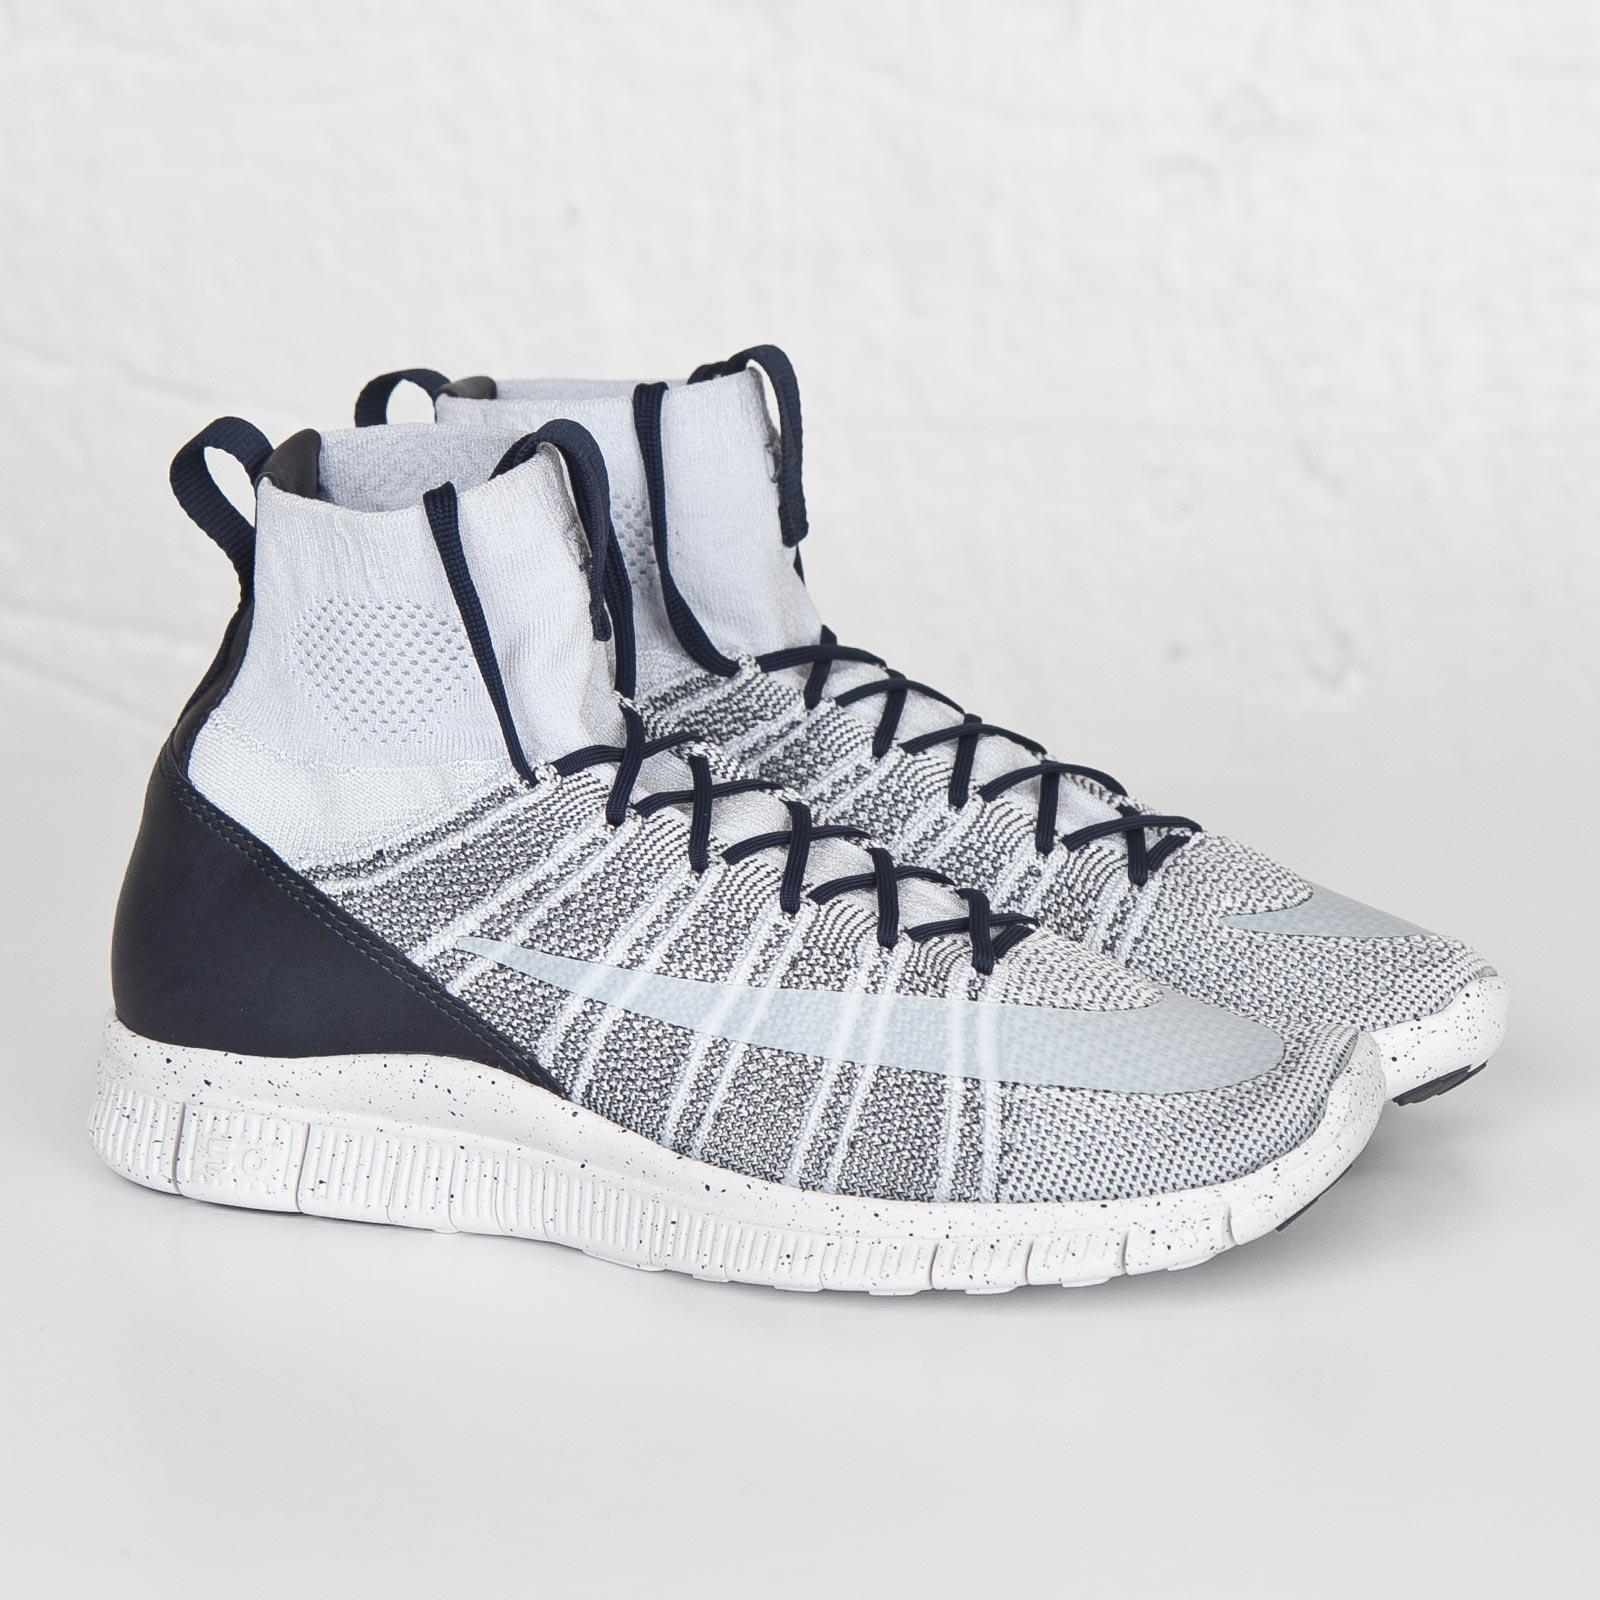 online retailer b5493 5dd53 Nike Free Flyknit Mercurial - 805554-001 - Sneakersnstuff ...